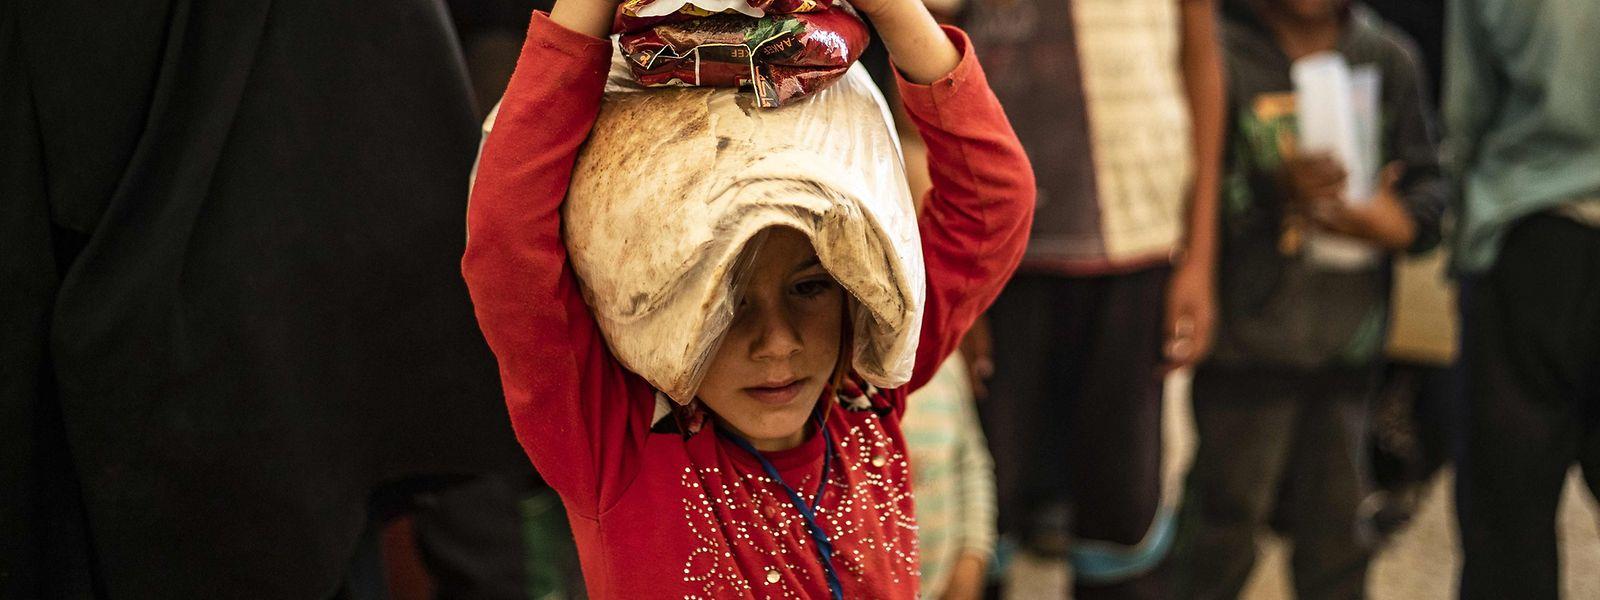 Dans le nord-est de la Syrie, dans les deux grands camps de Roj et Al Hol, les forces kurdes accueillent quelque 12.000 étrangers dont 4.000 femmes et 8.000 enfants de djihadistes.